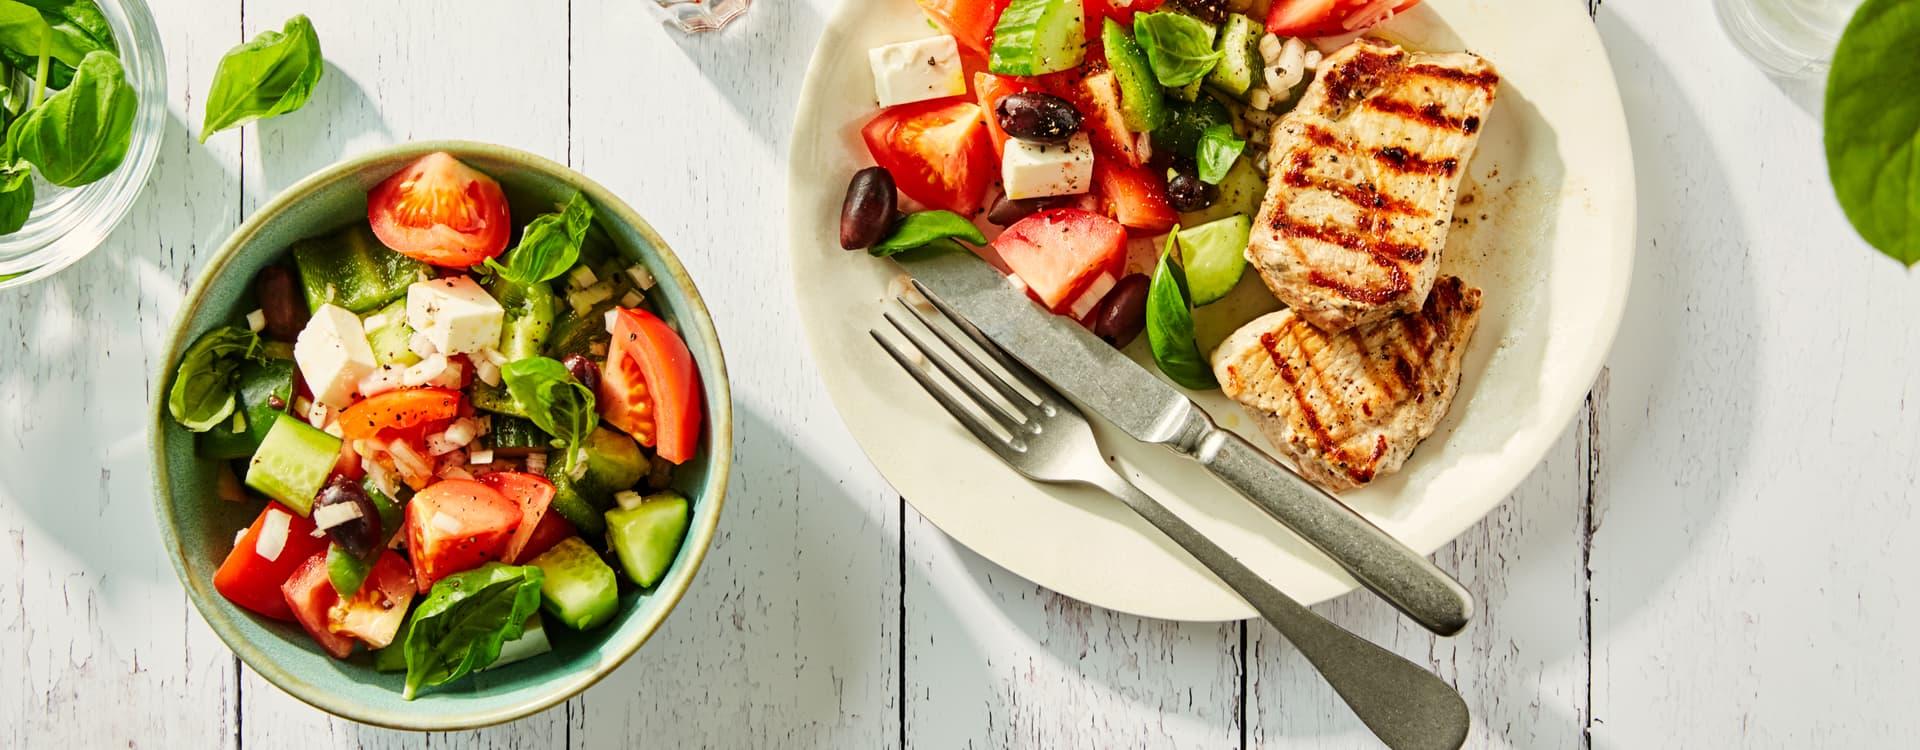 Ytrefilet av svin med gresk salat